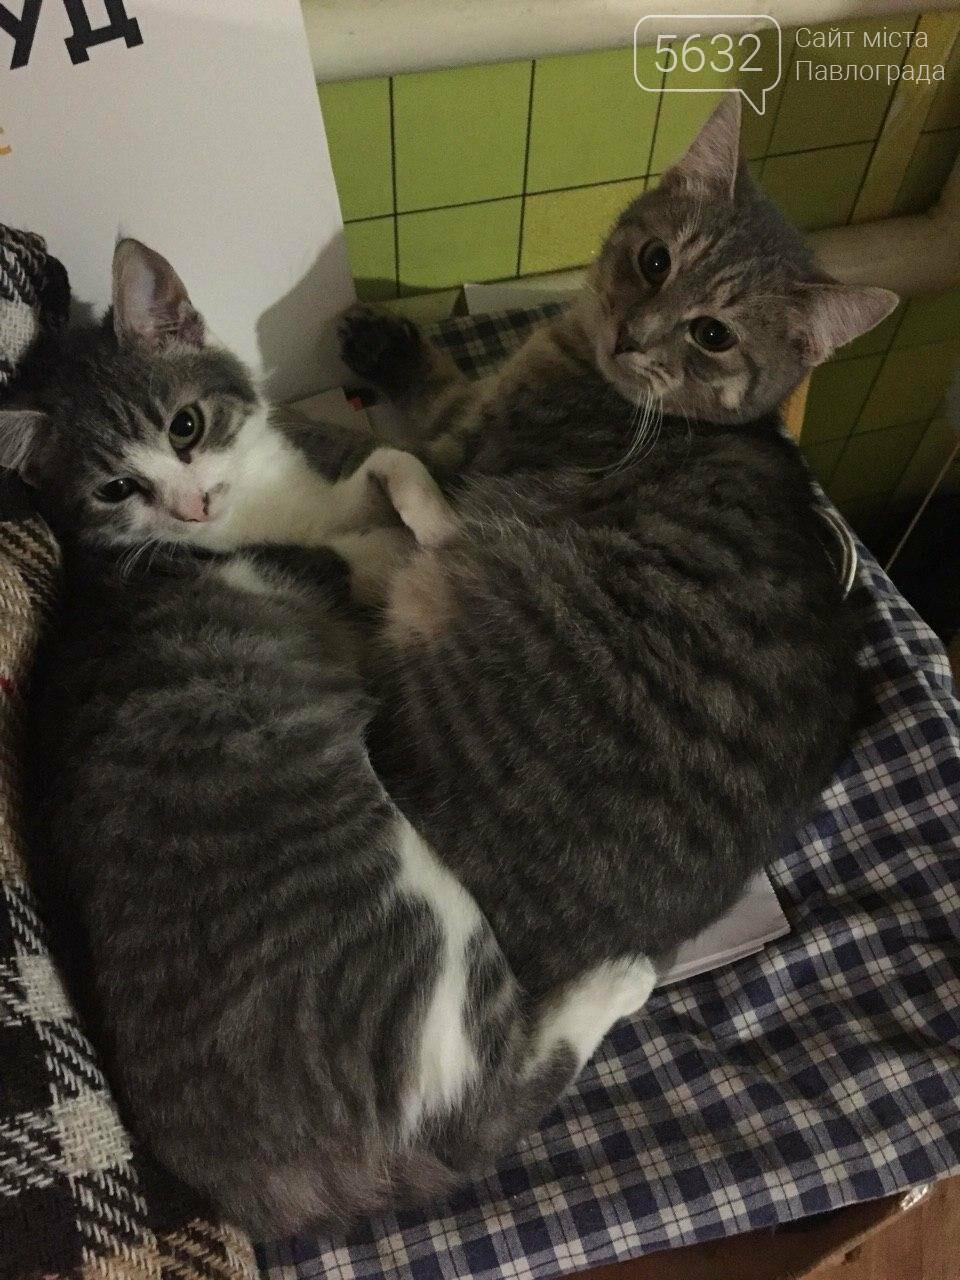 Завтра Всемирный день кошек! А ты празднуешь? , фото-5